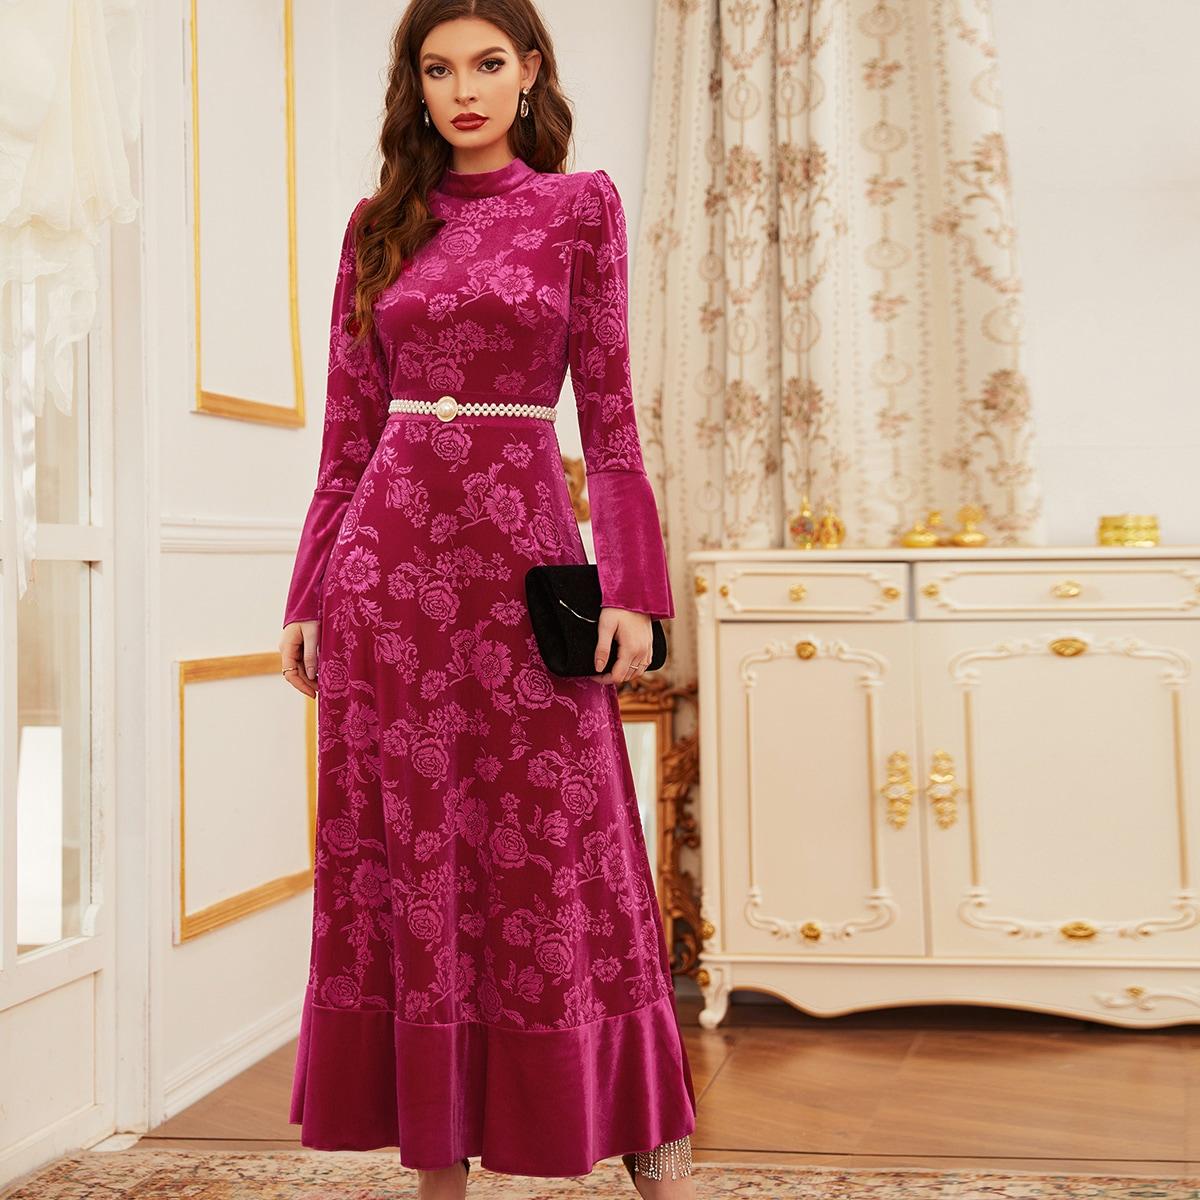 Бархатное платье с цветочным принтом без пояса